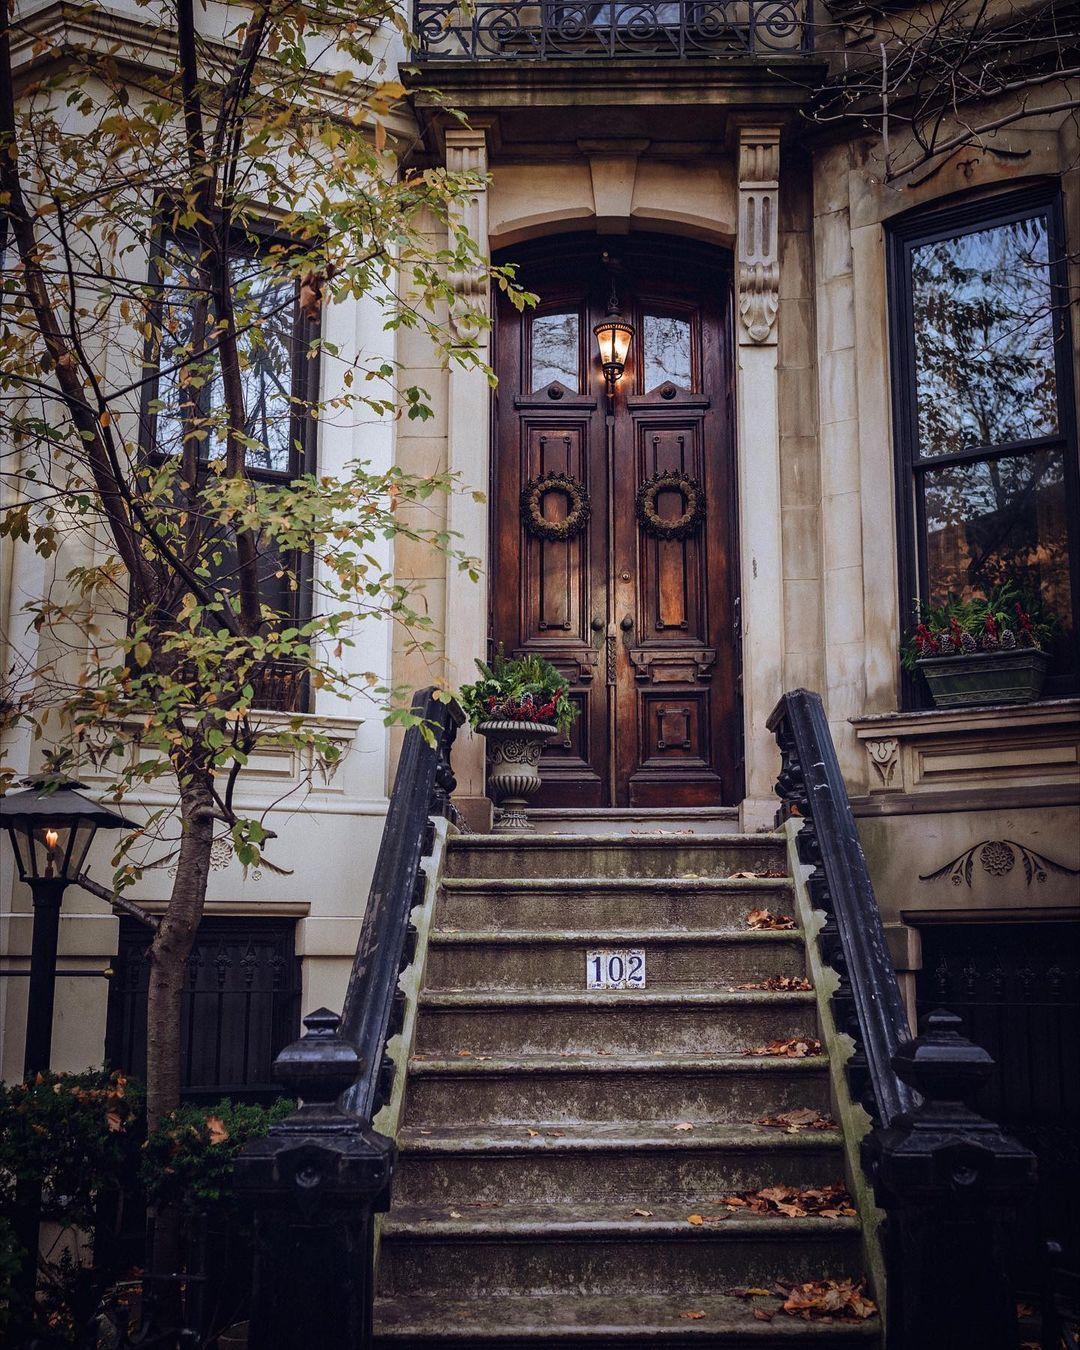 StreetEasyFinds town hall with wooden doors